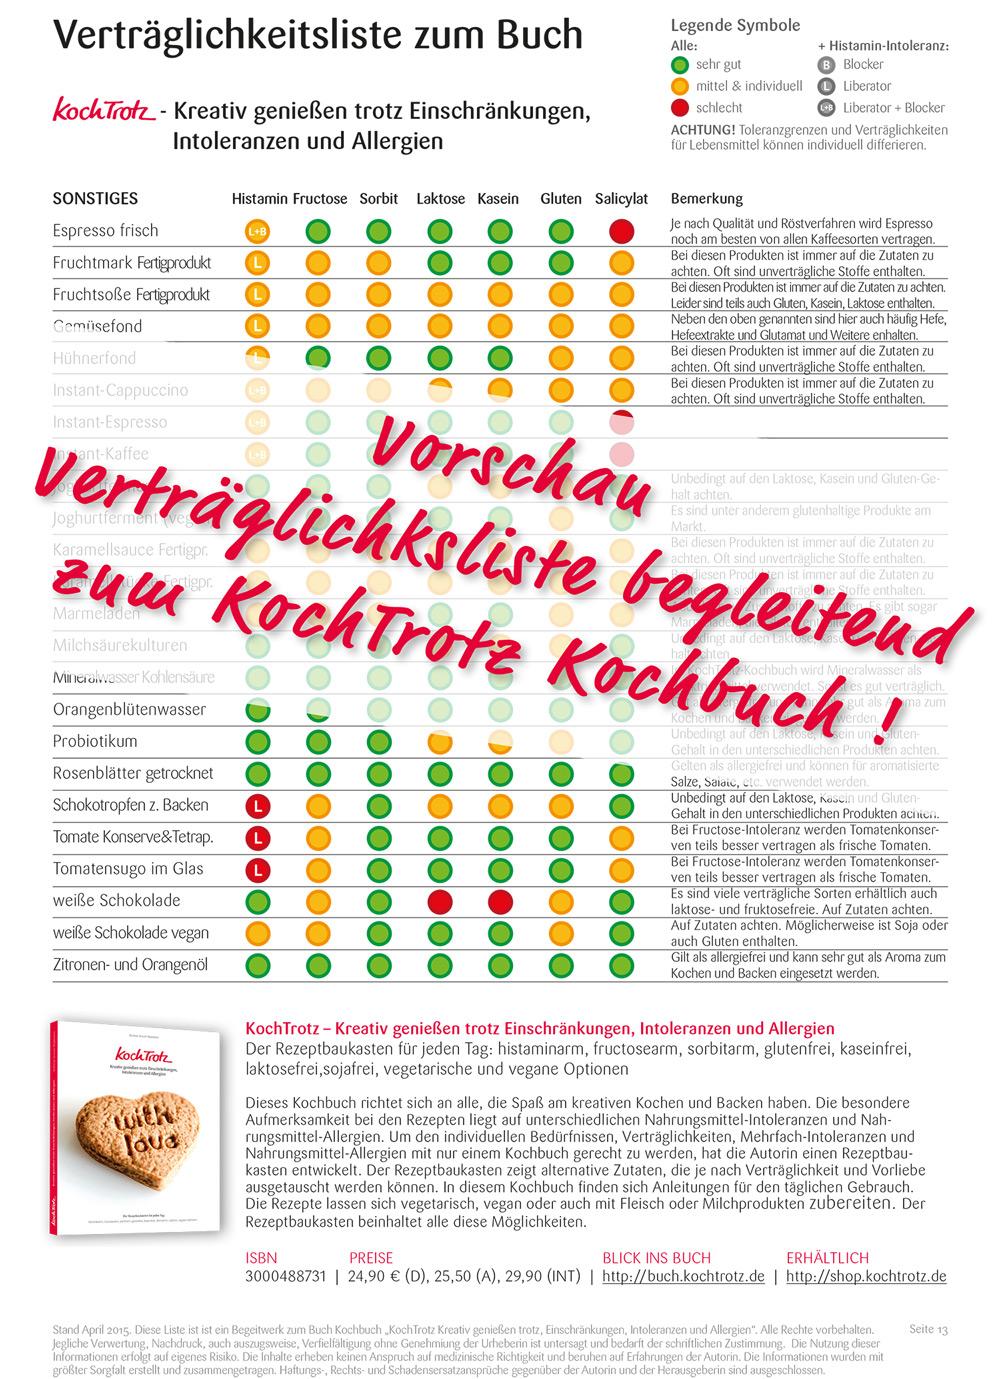 kochtrotz-kreativ-geniessen-kochbuch-vorschau-vertraeglichkeitsliste-1504123-1000-2